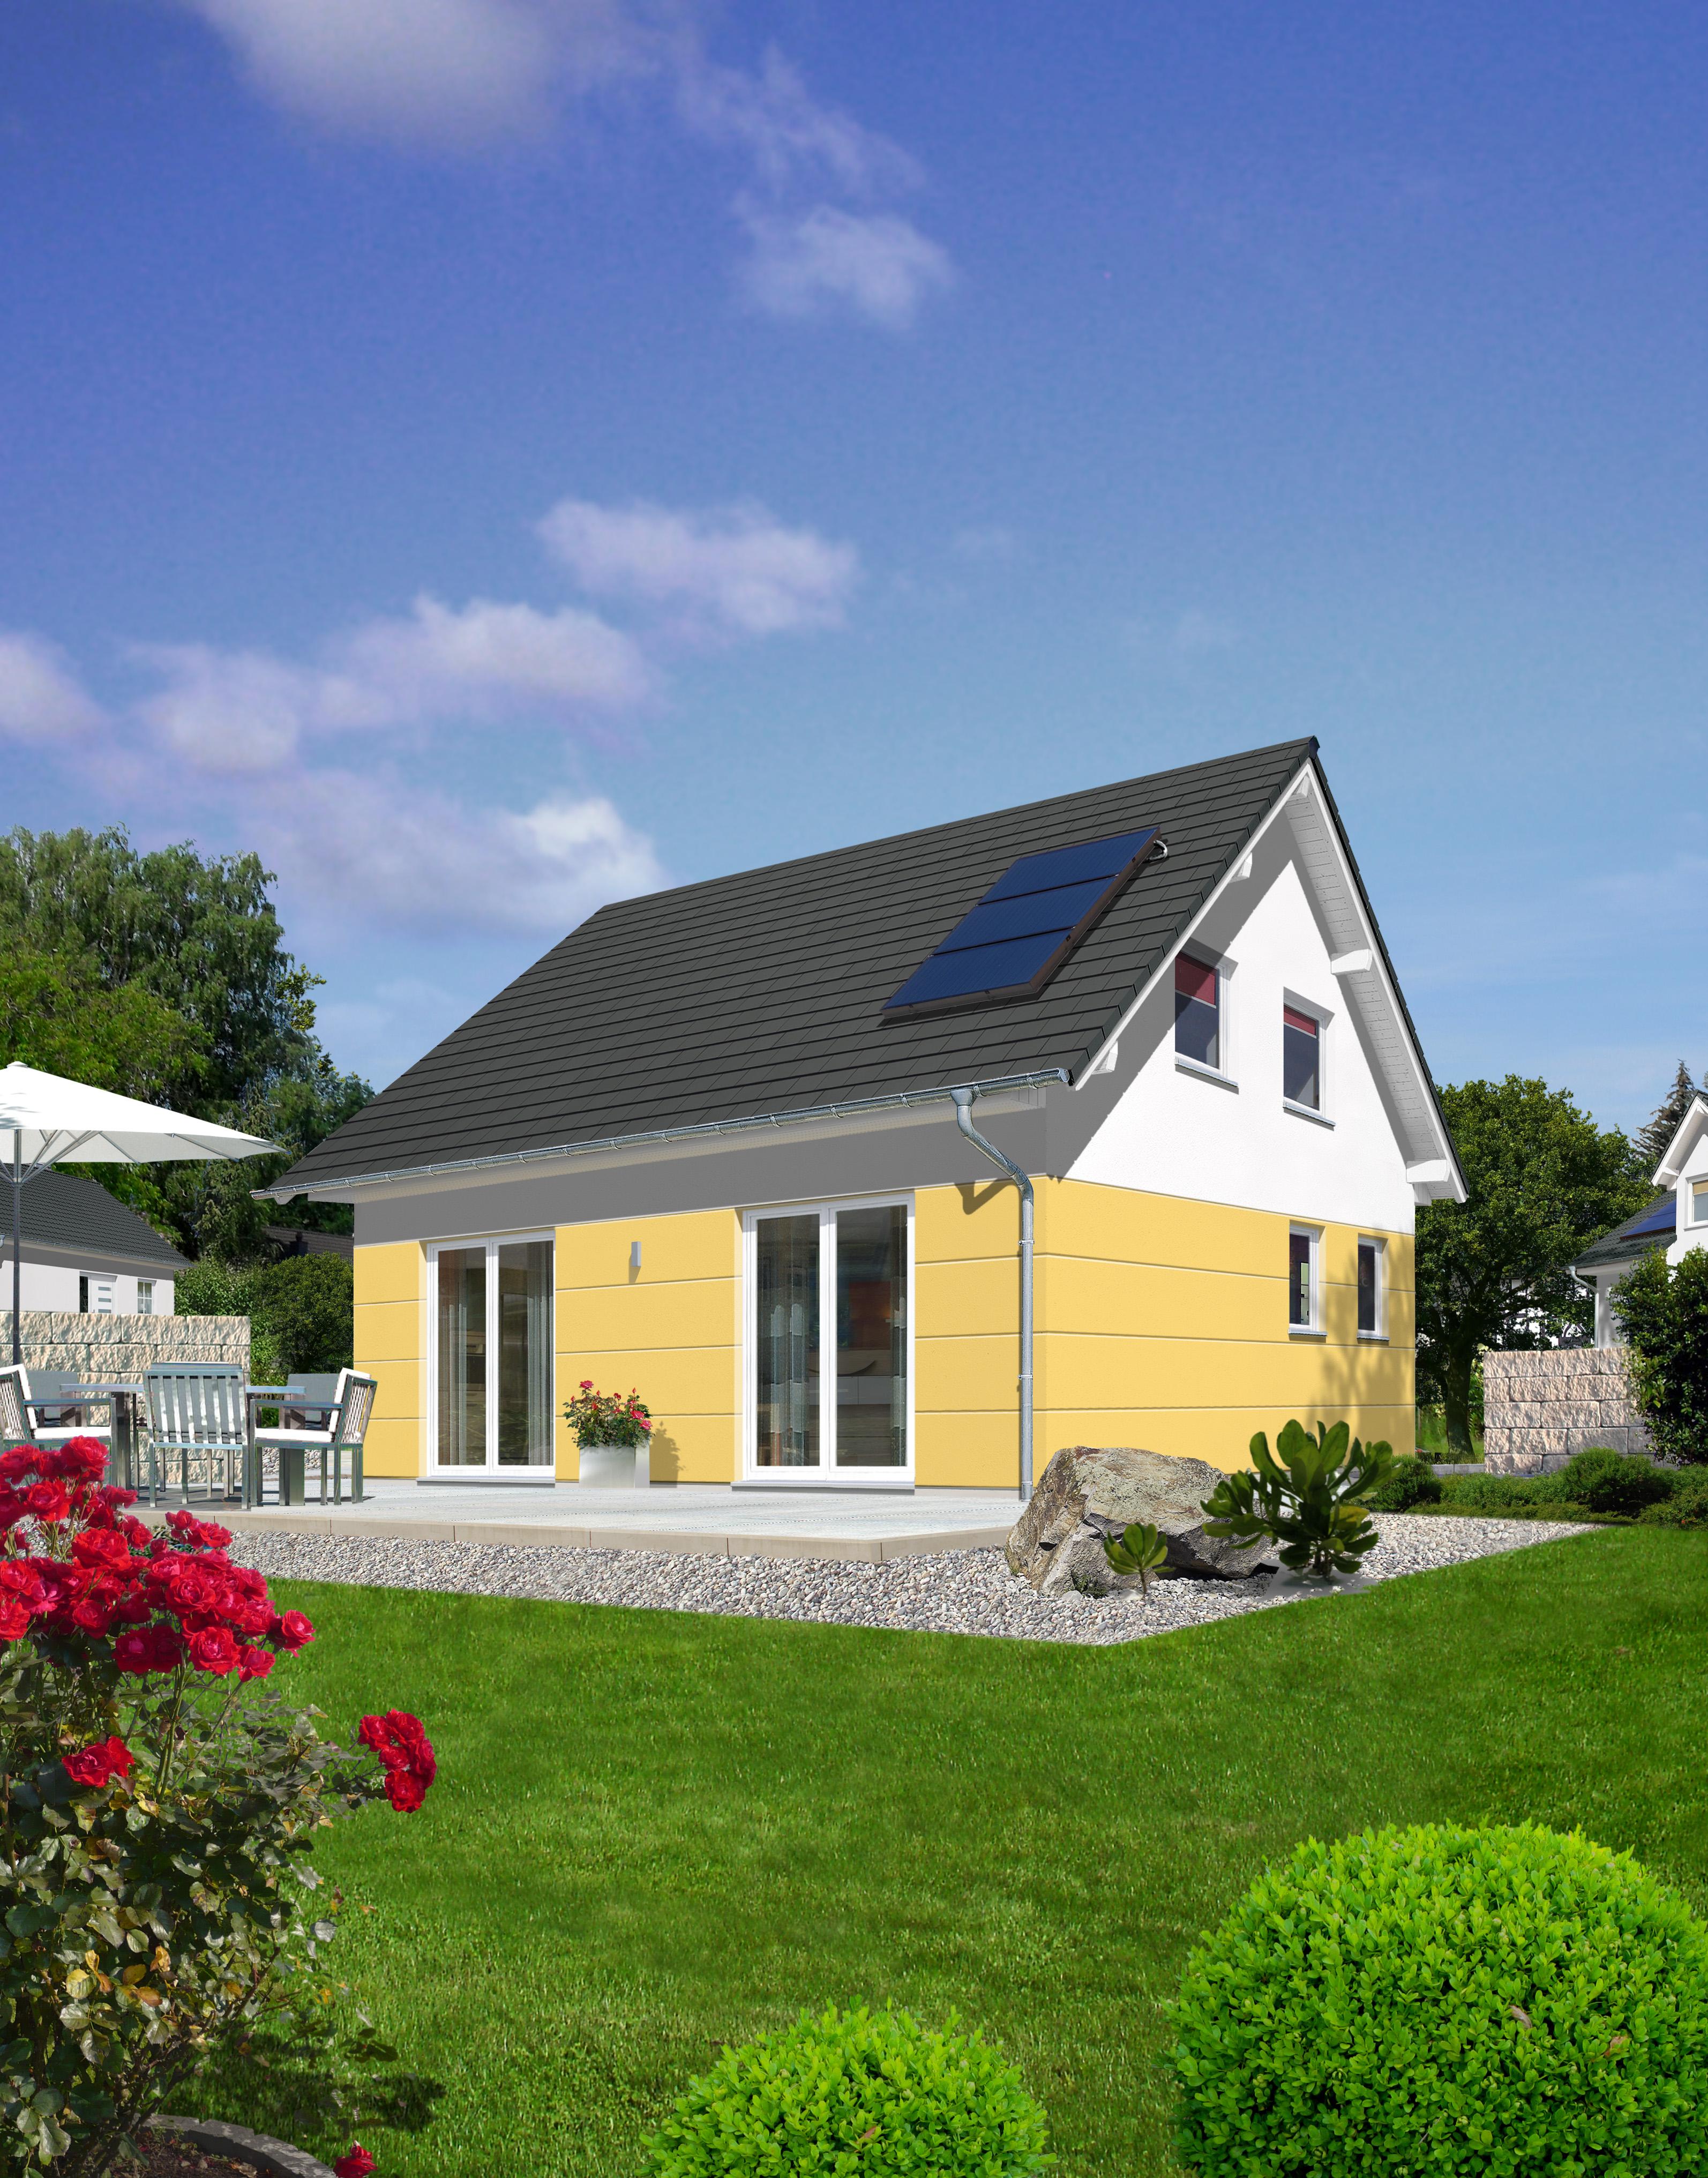 """Town & Country Massivhaus  """"Aspekt 110"""" für Deutschen Traumhauspreis 2013 nominiert"""